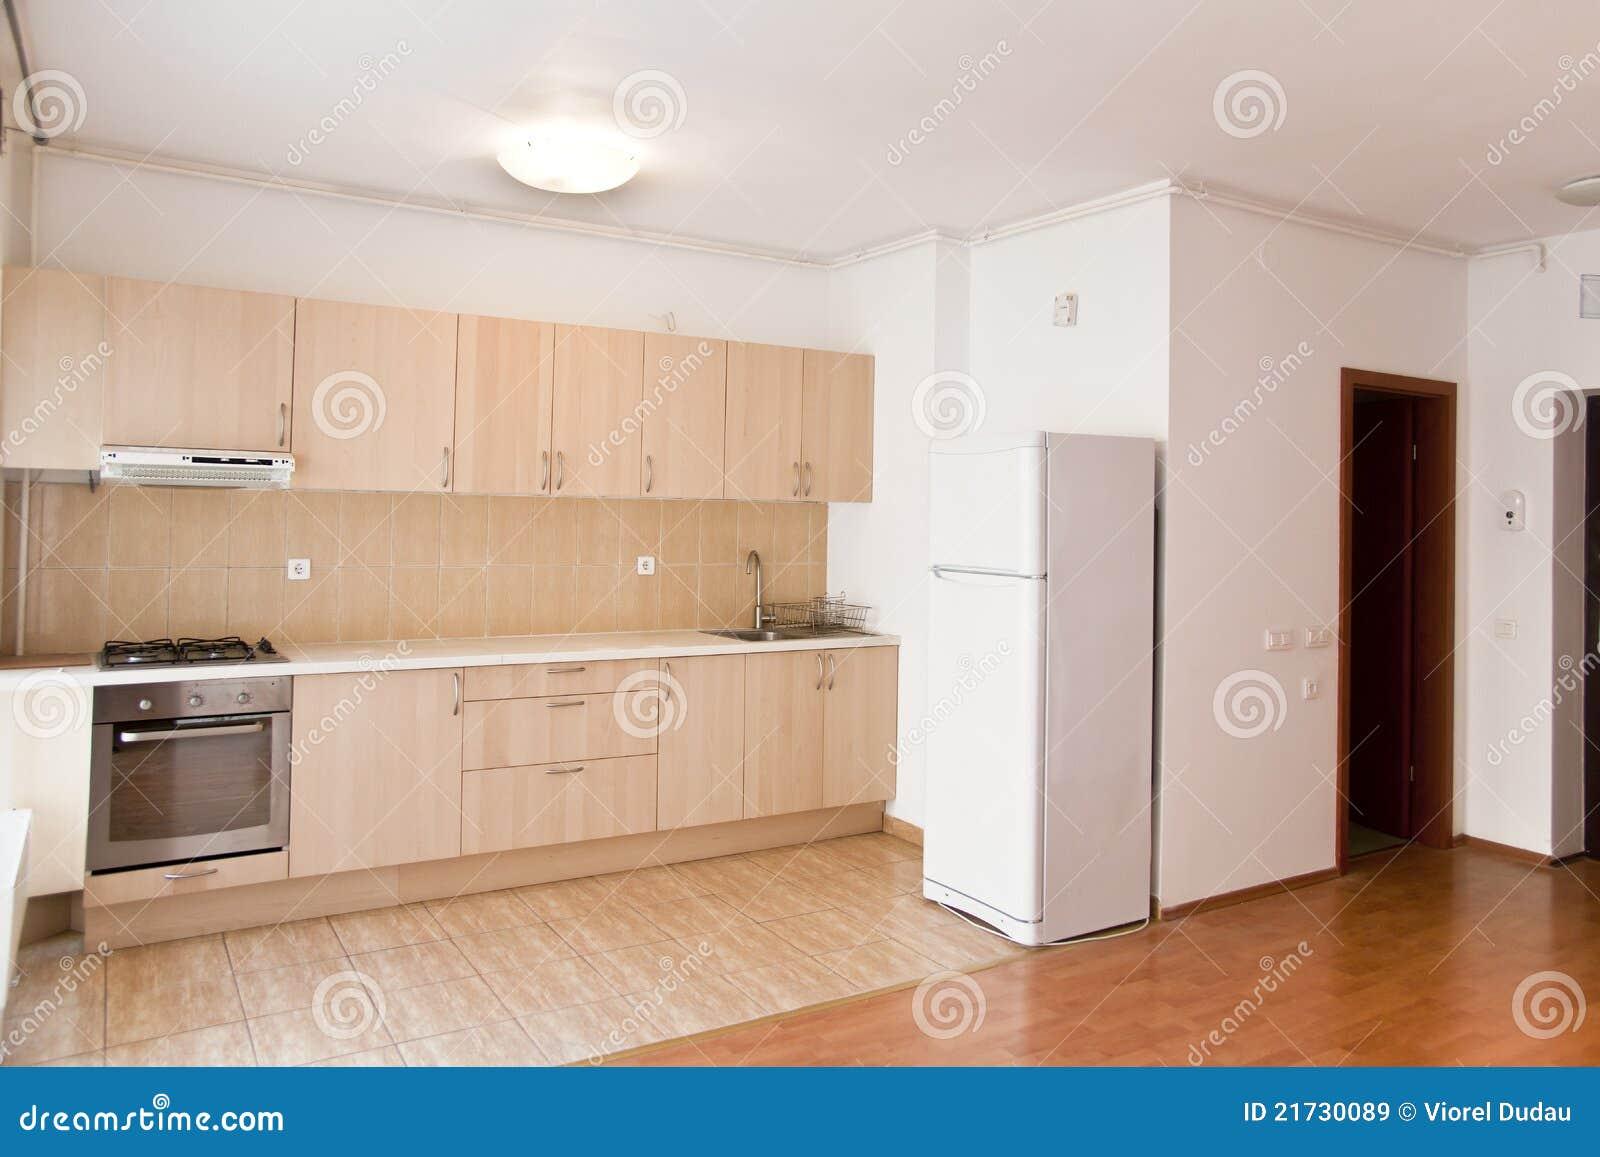 Cocina moderna en un plano